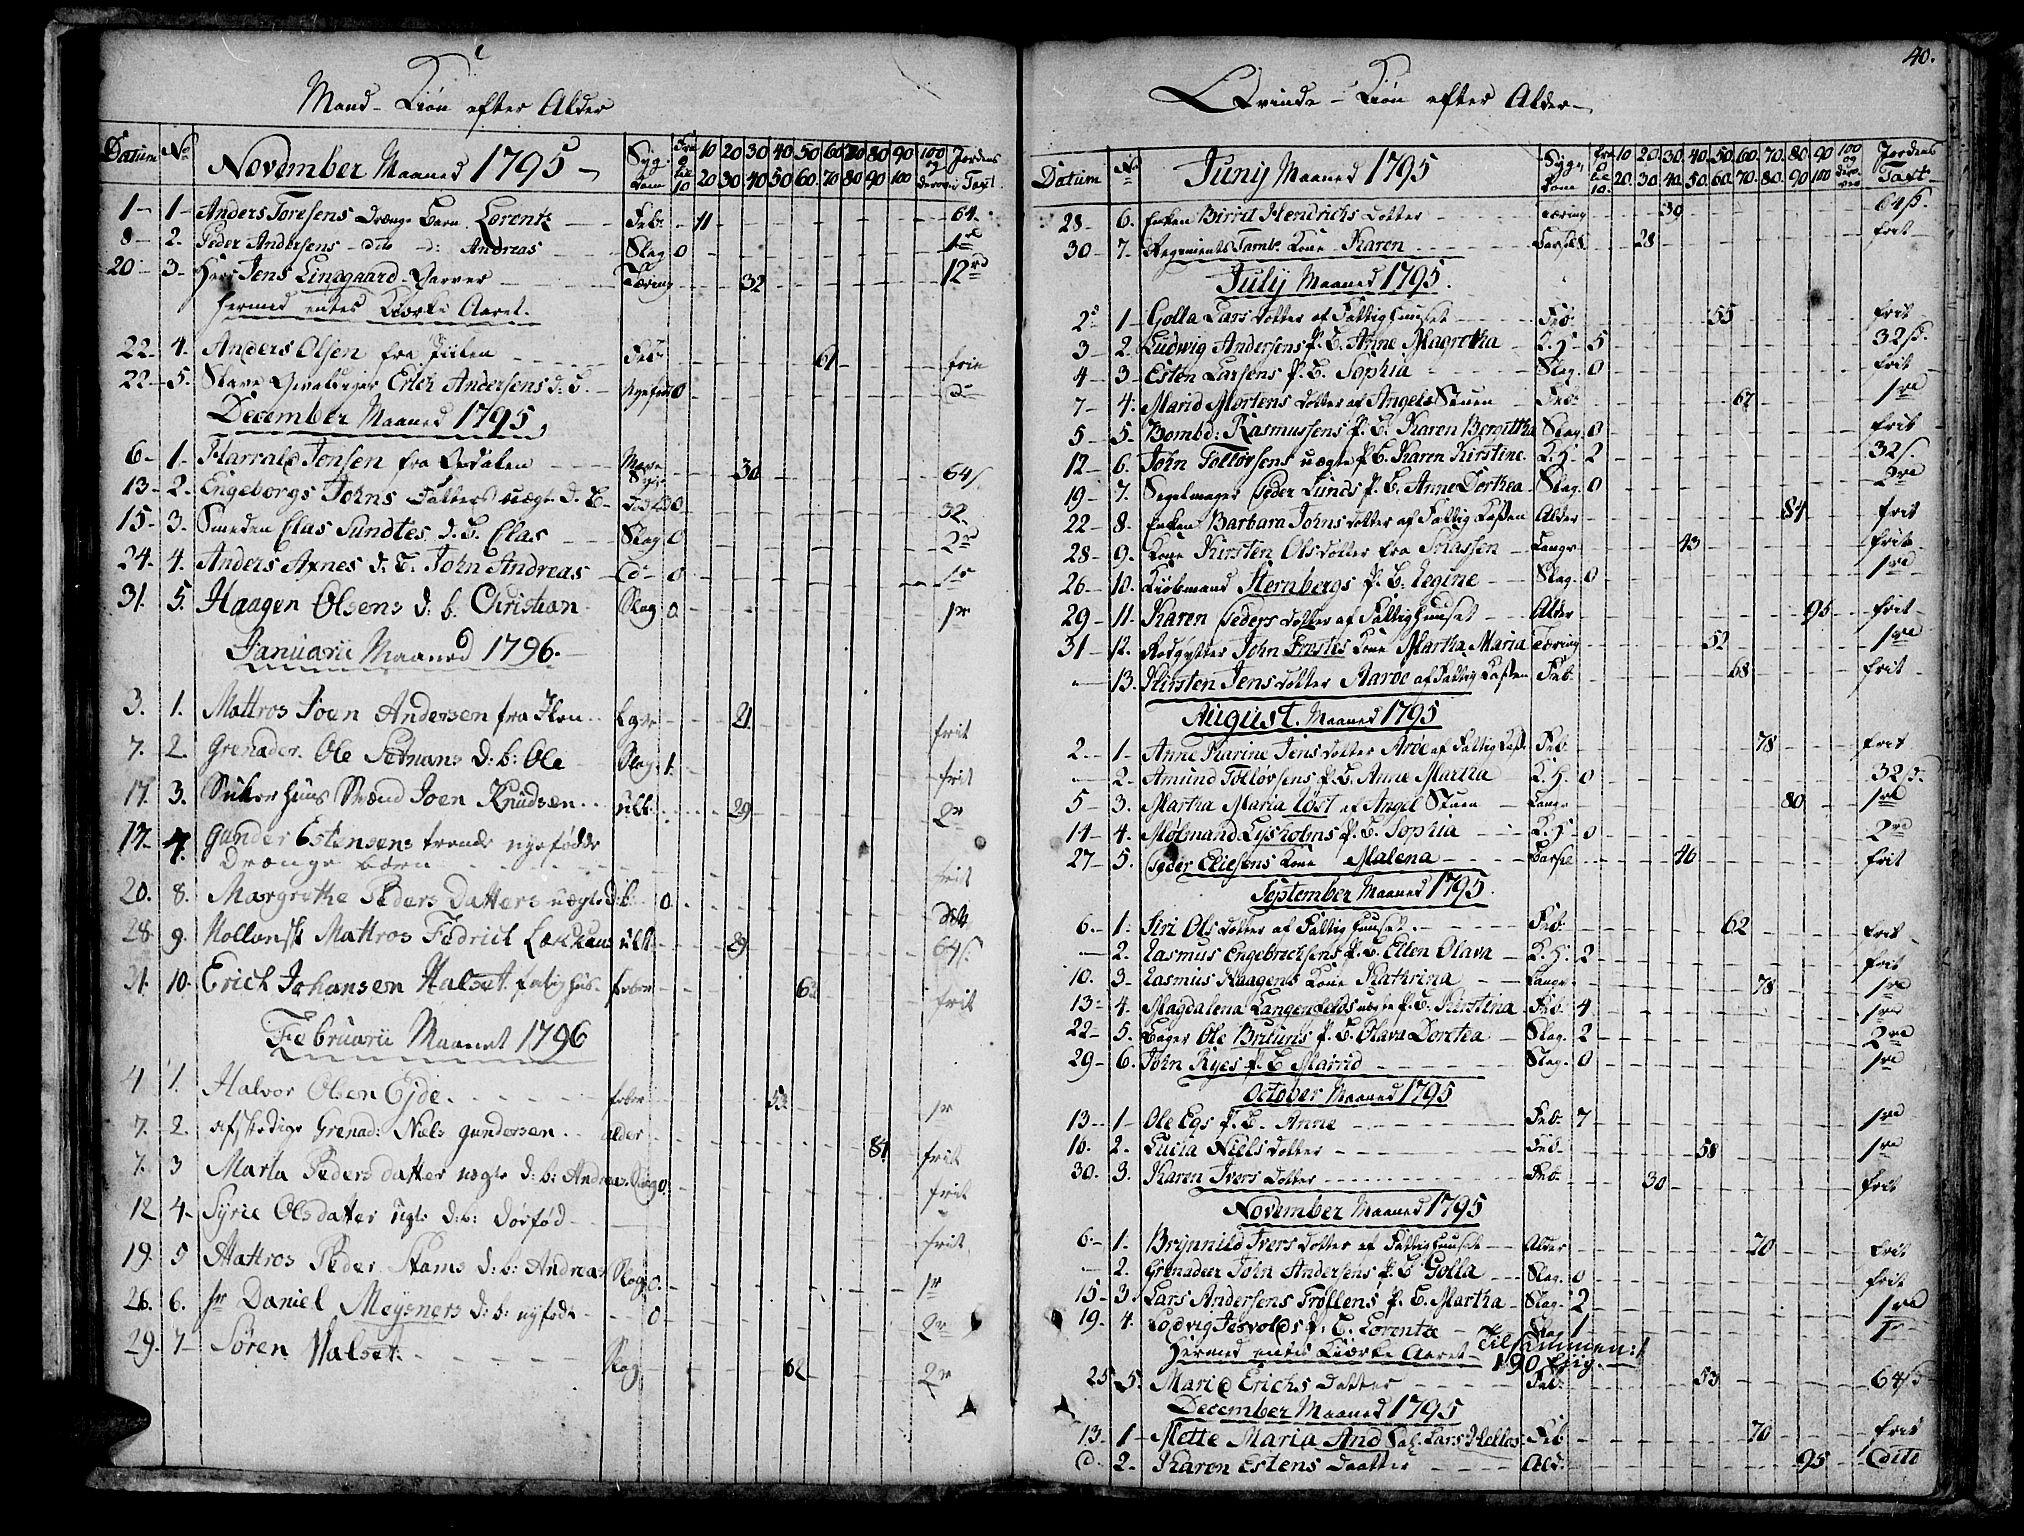 SAT, Ministerialprotokoller, klokkerbøker og fødselsregistre - Sør-Trøndelag, 601/L0040: Ministerialbok nr. 601A08, 1783-1818, s. 40